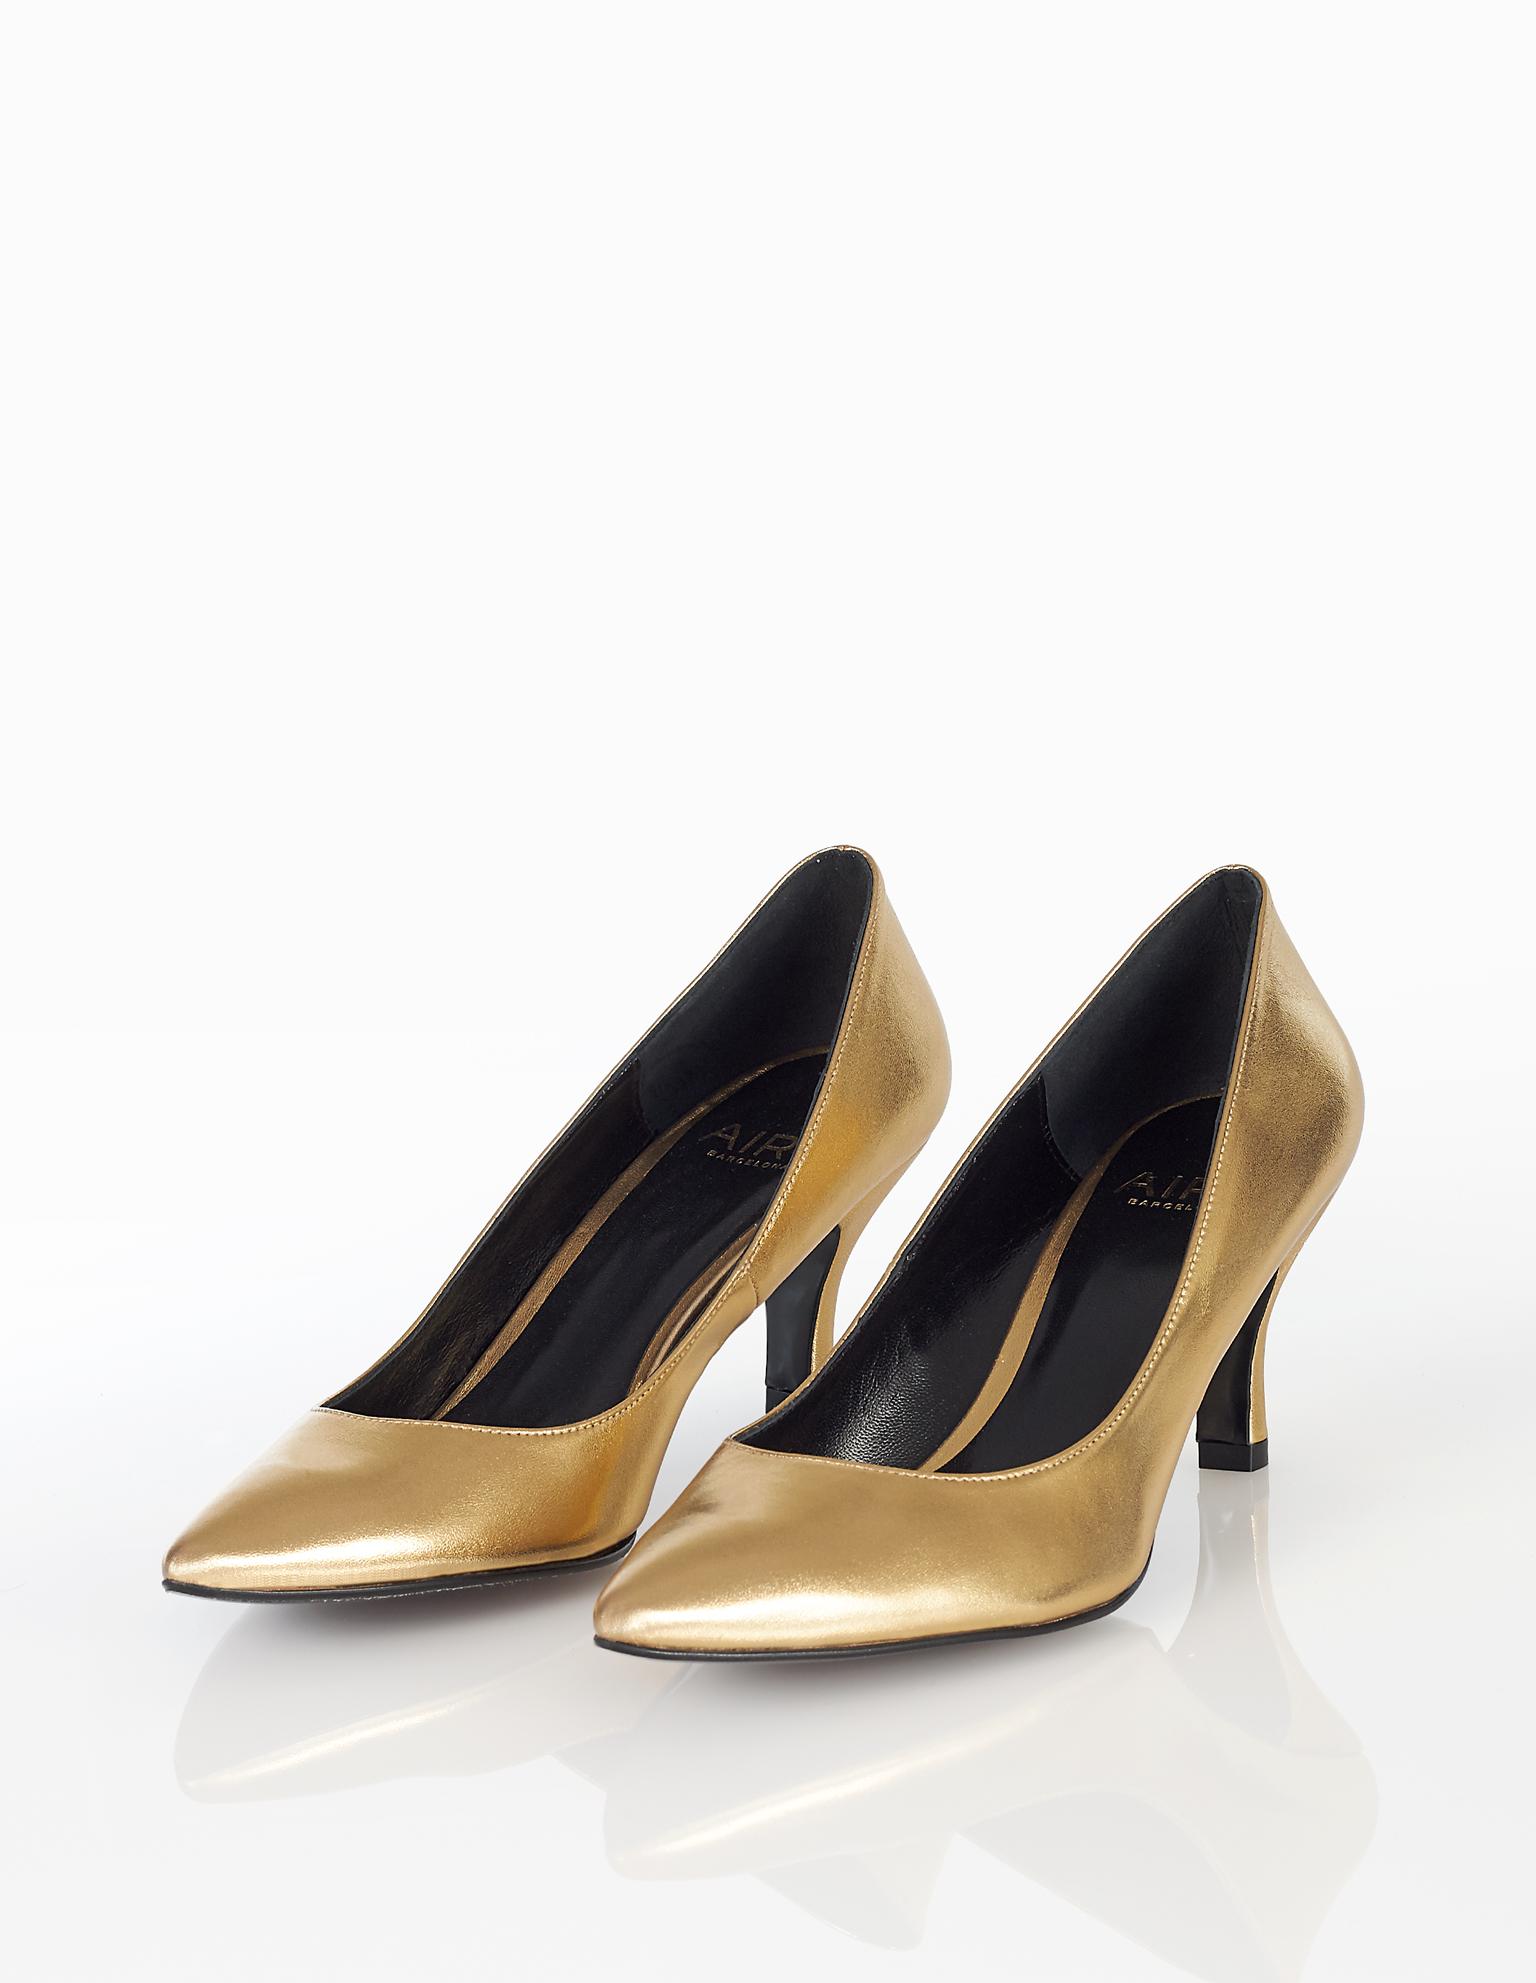 低跟皮革鸡尾酒会宫廷鞋,有土黄色和金色可选。 FIESTA AIRE BARCELONA 新品系列 2018.